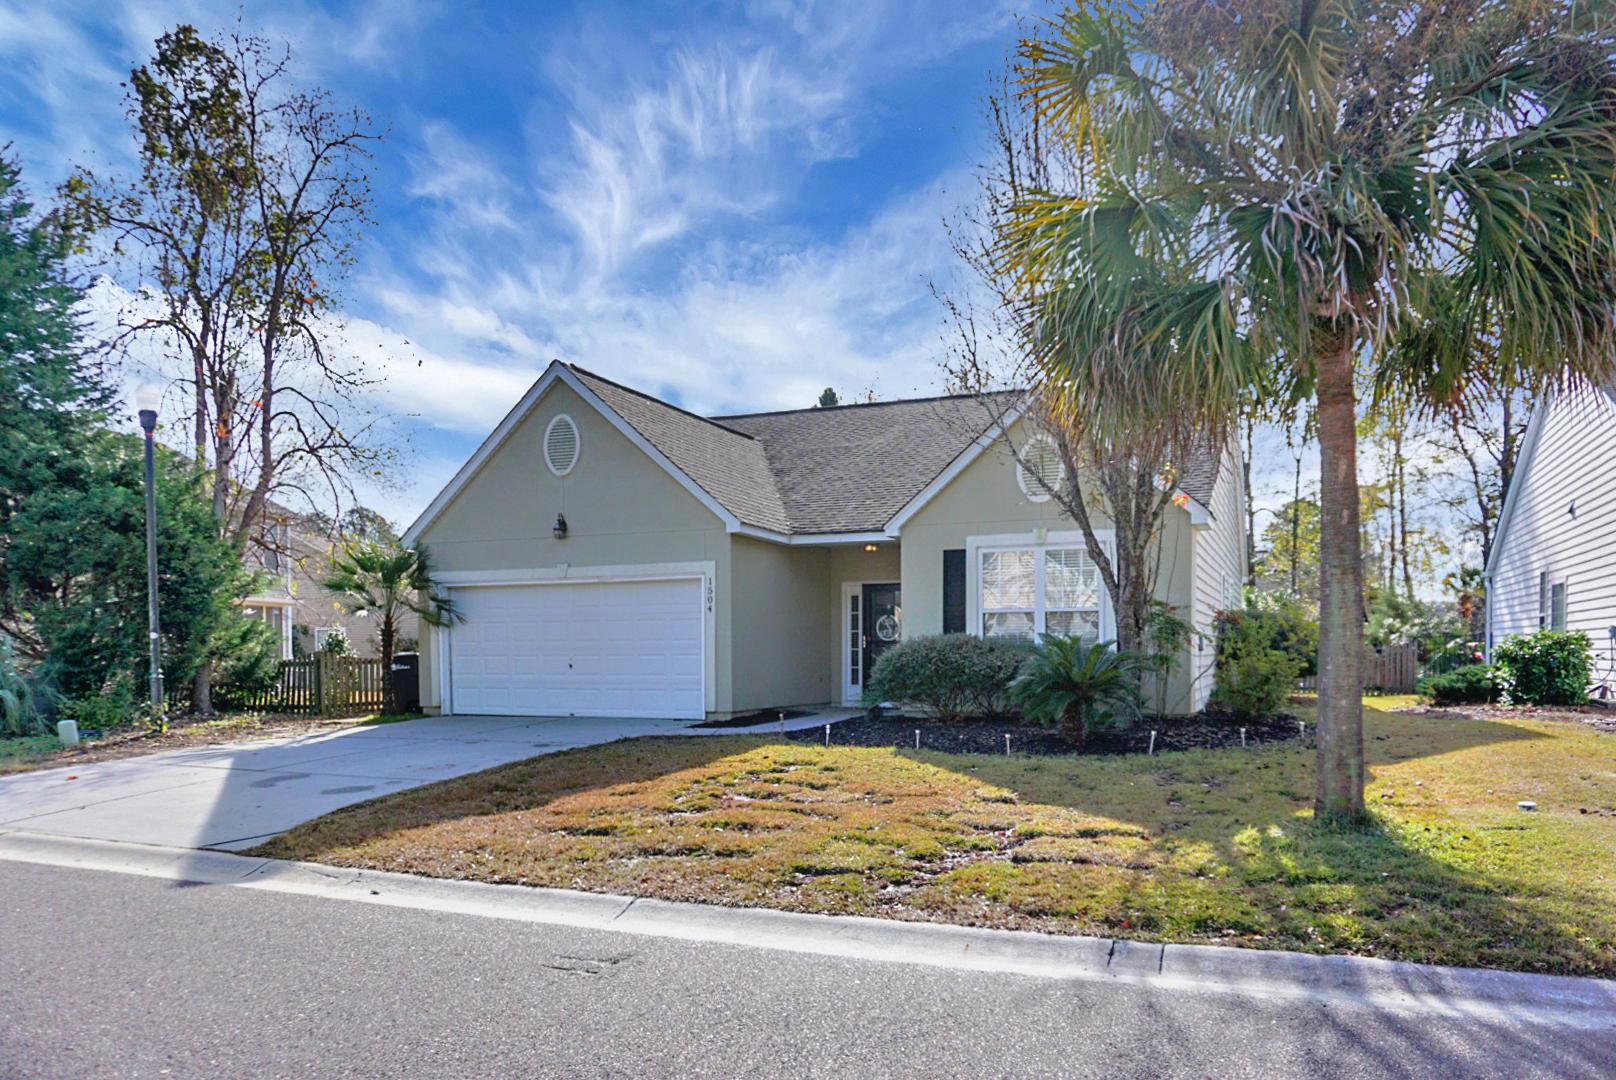 Park West Homes For Sale - 1504 Huxley, Mount Pleasant, SC - 2